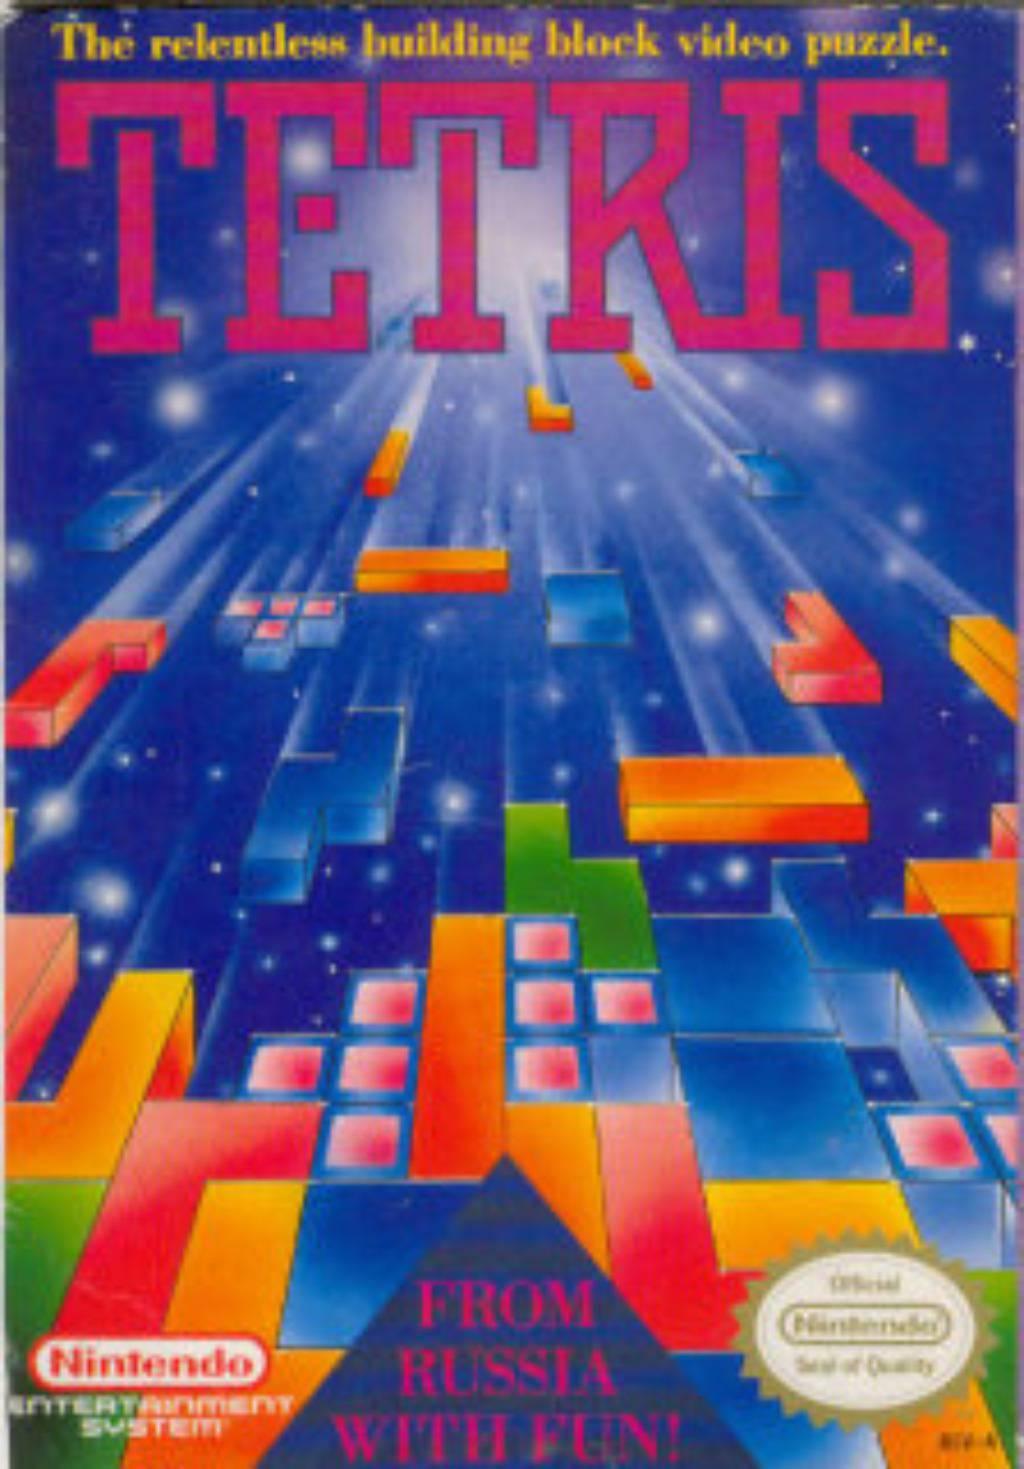 The Tetris Company